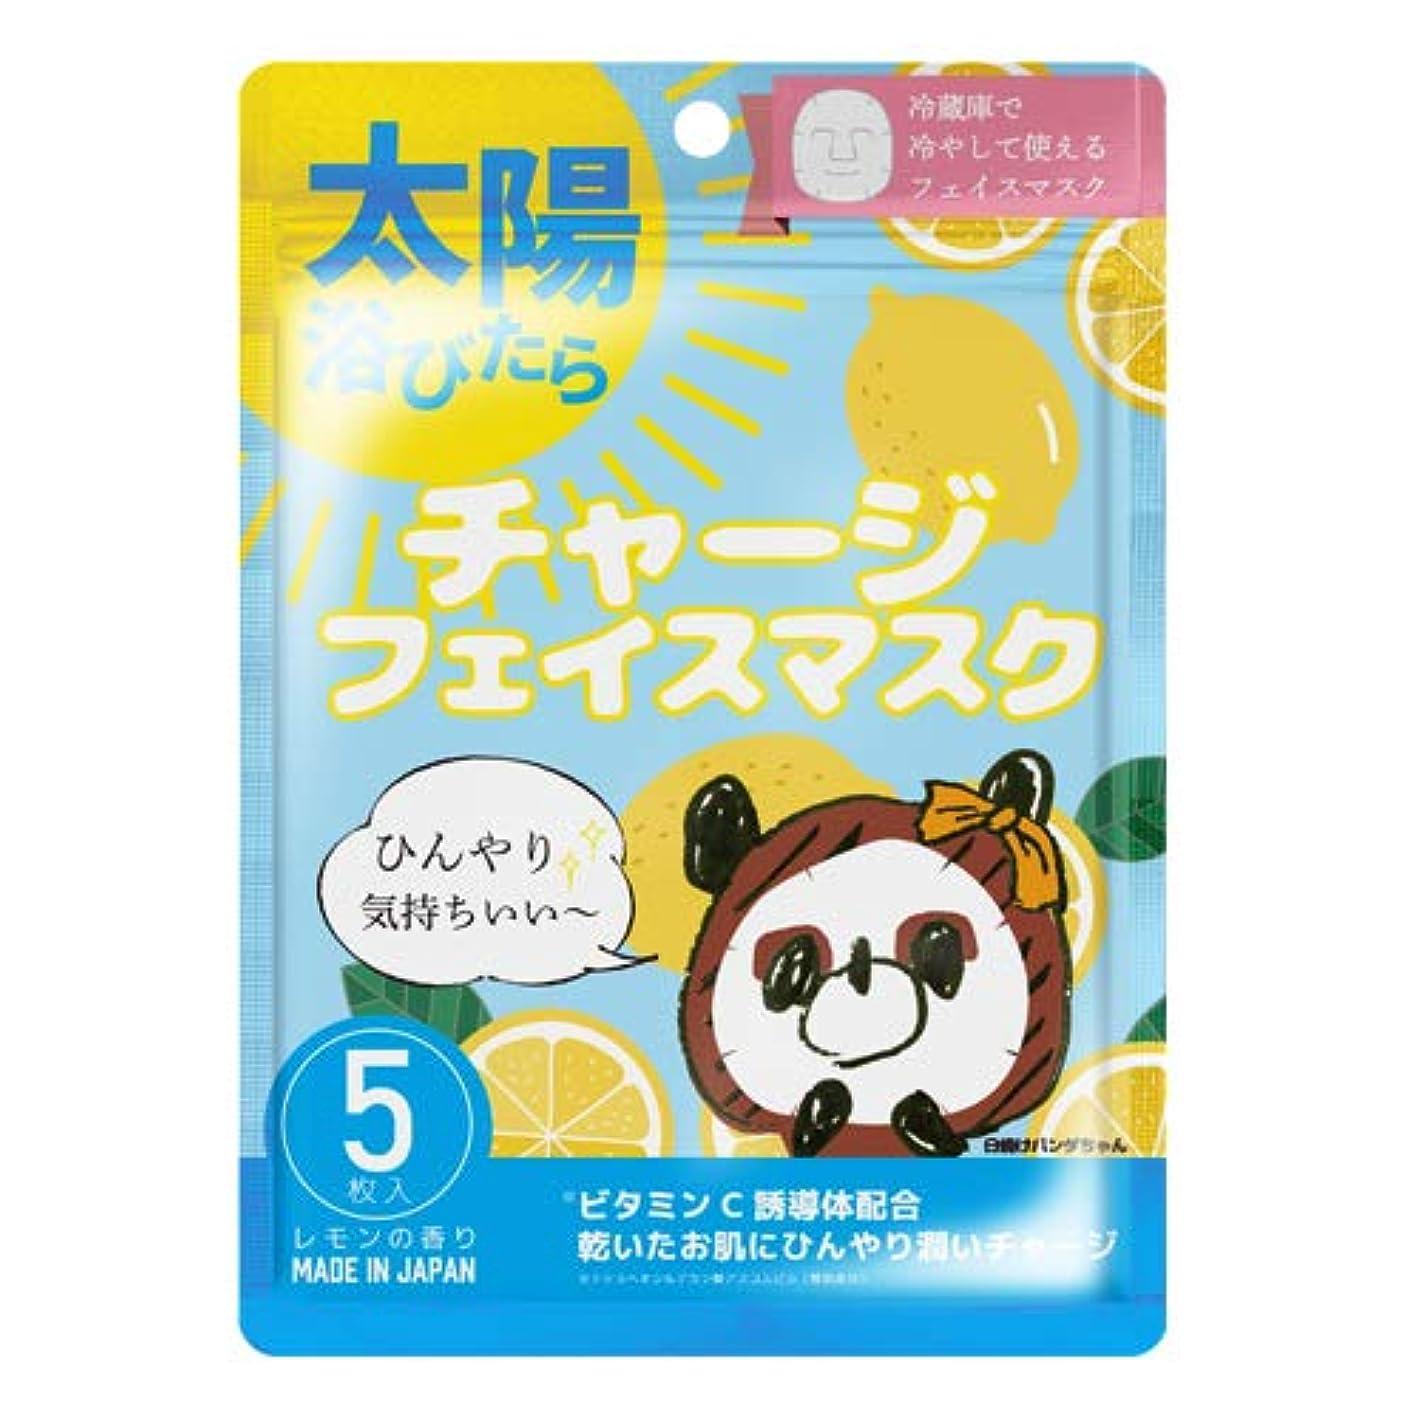 バンジョー親密な更新チャージフェイスマスク Charge Face Mask / 美容 フェイスマスク 日焼け 潤い レモン スキンケア